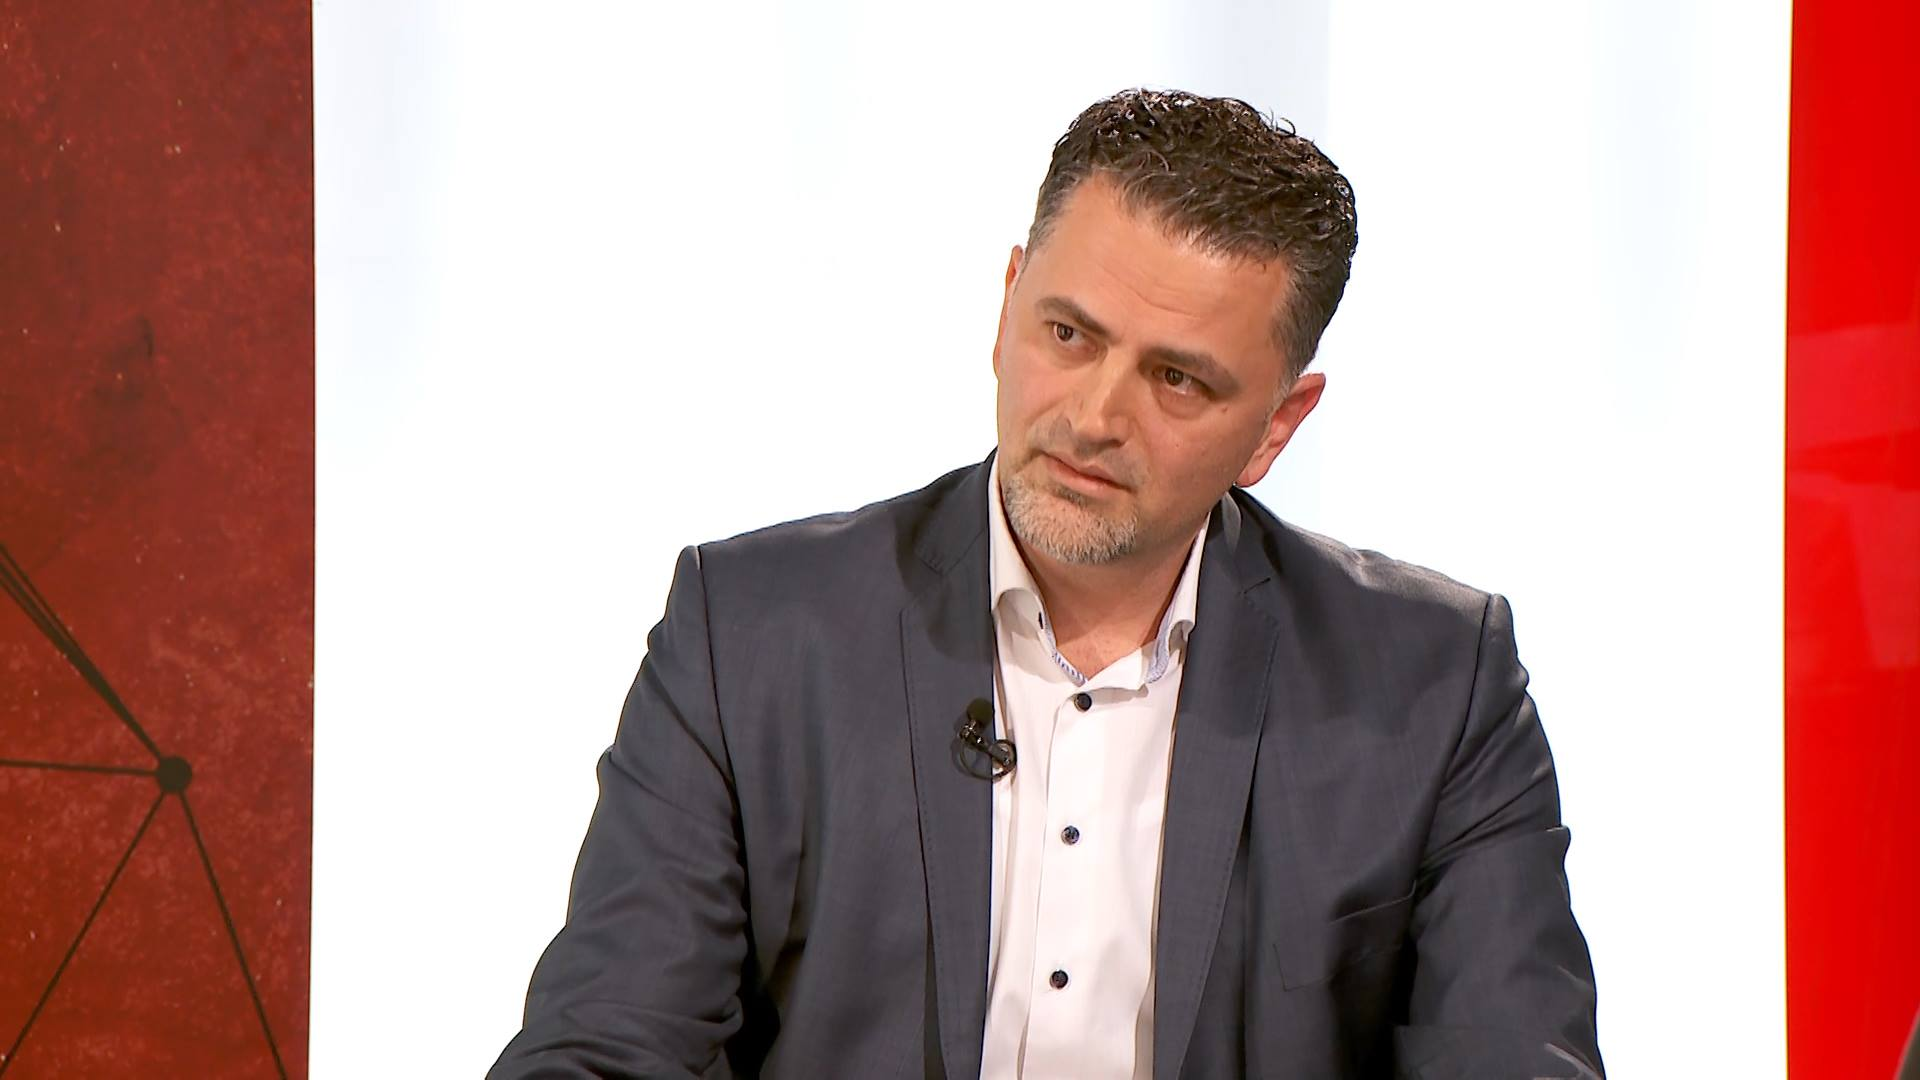 Zëvendësministri Hasani: E dhimbshme humbja e mjekëve